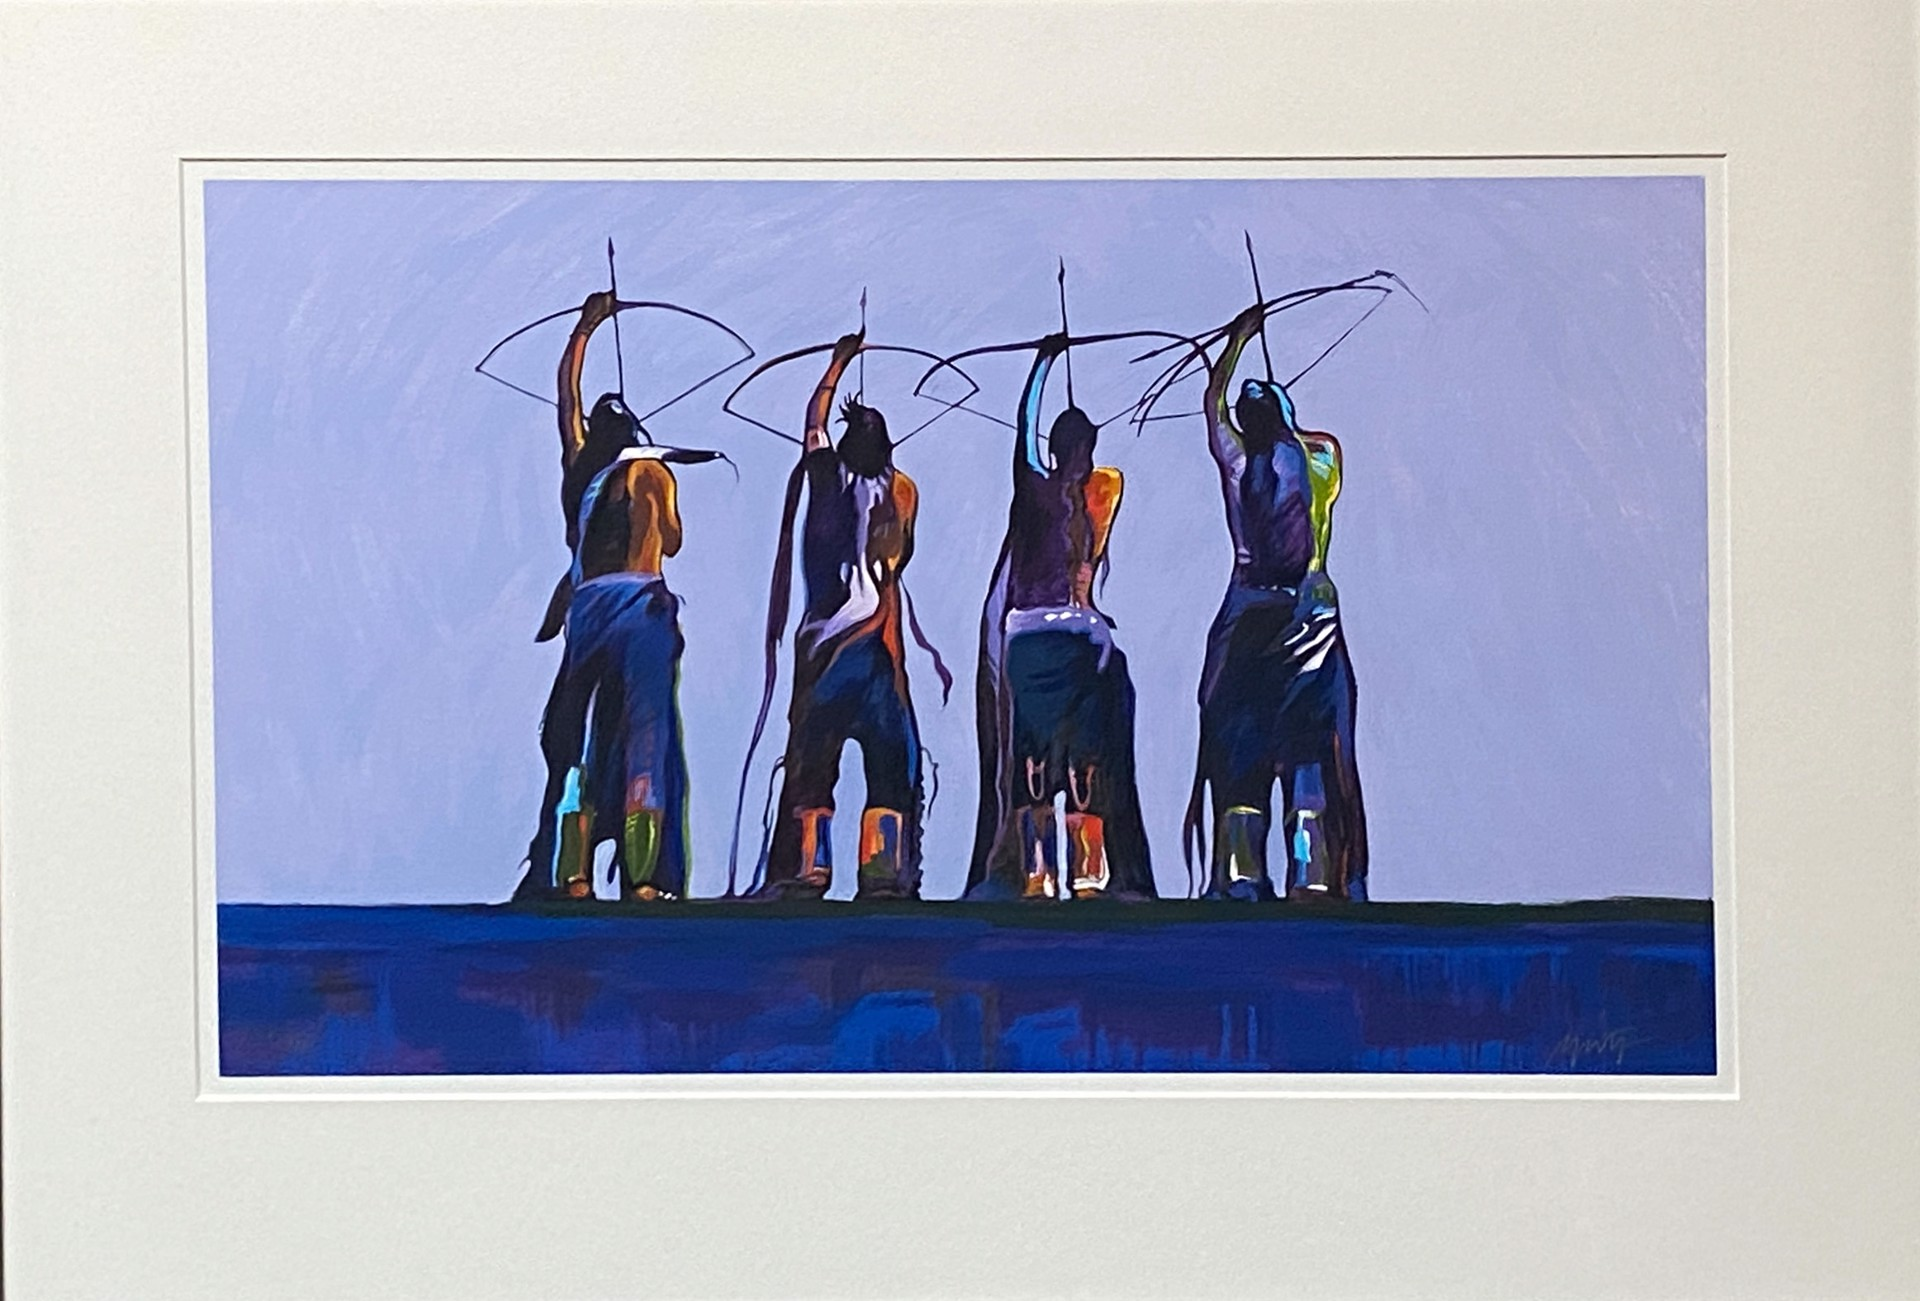 Archers by John Nieto